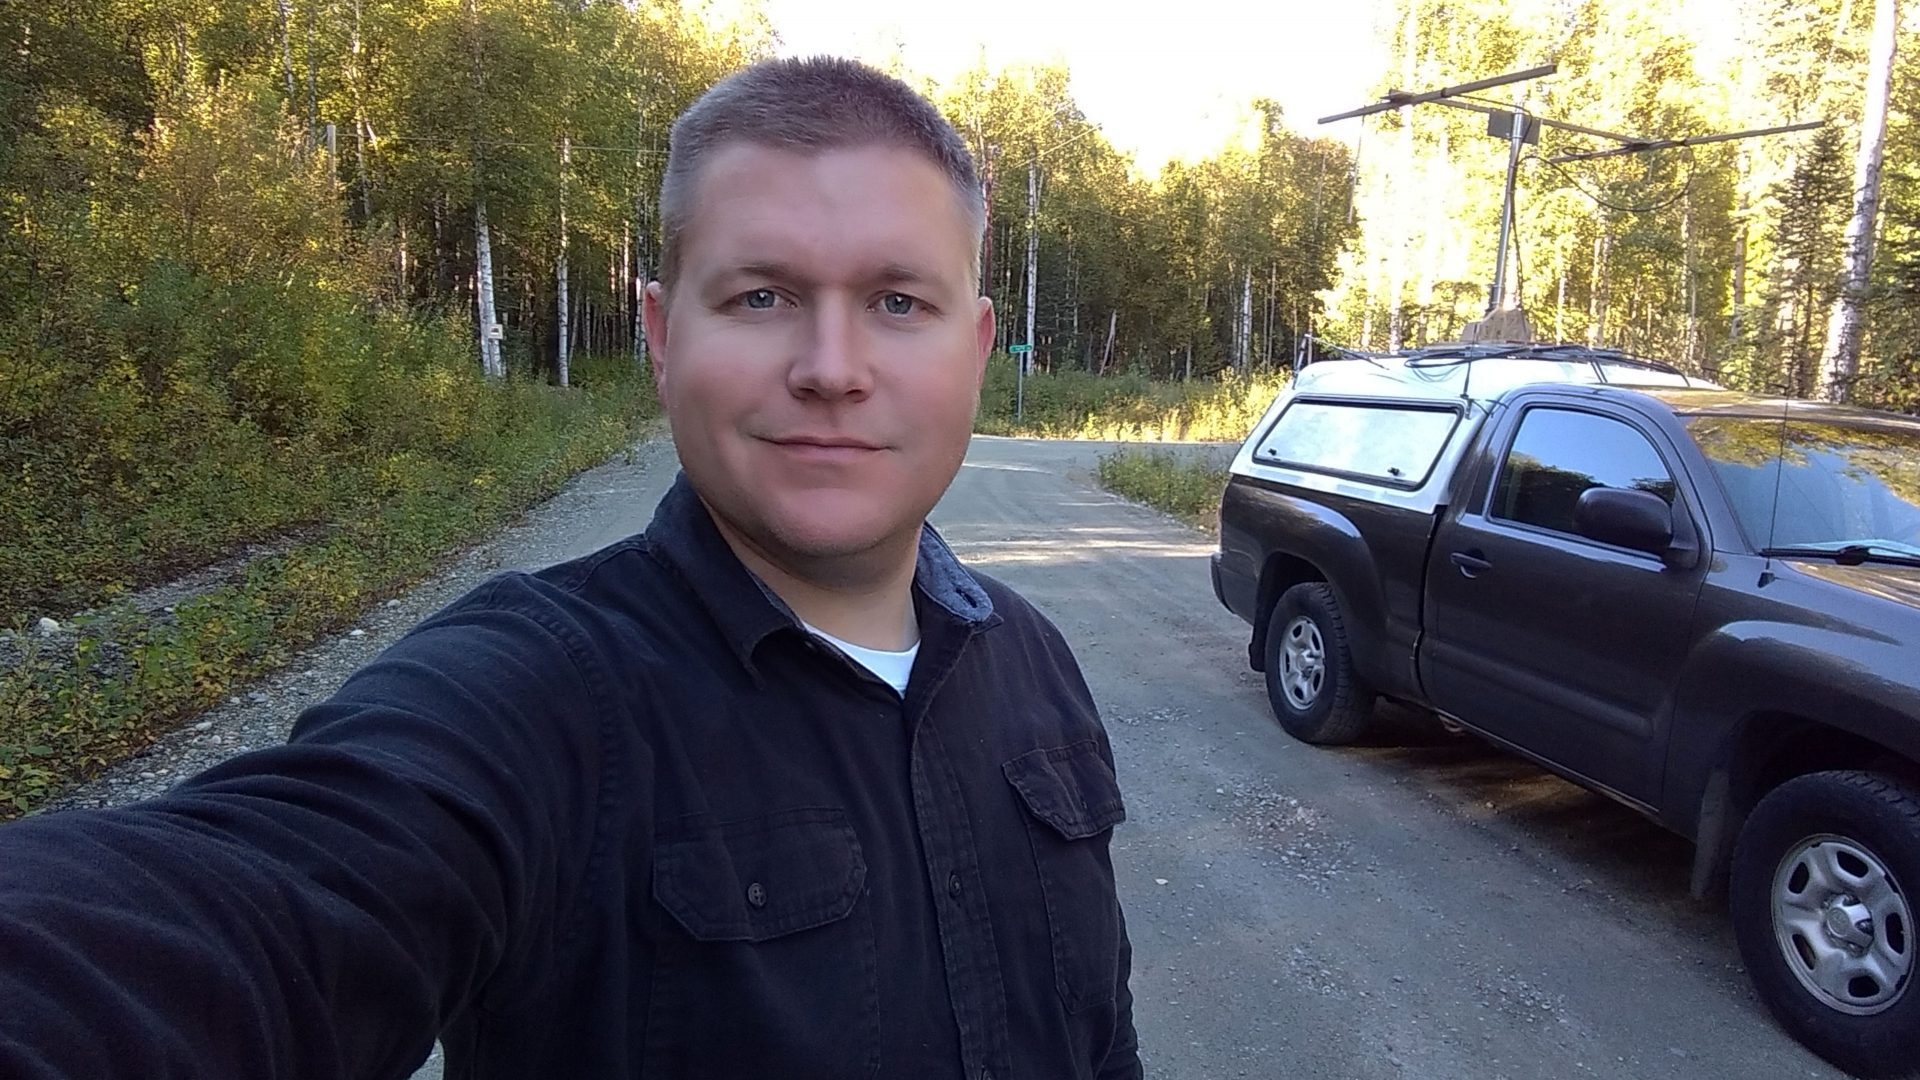 KL7BSC Brandon Clark standing beside VHF rover vehicle